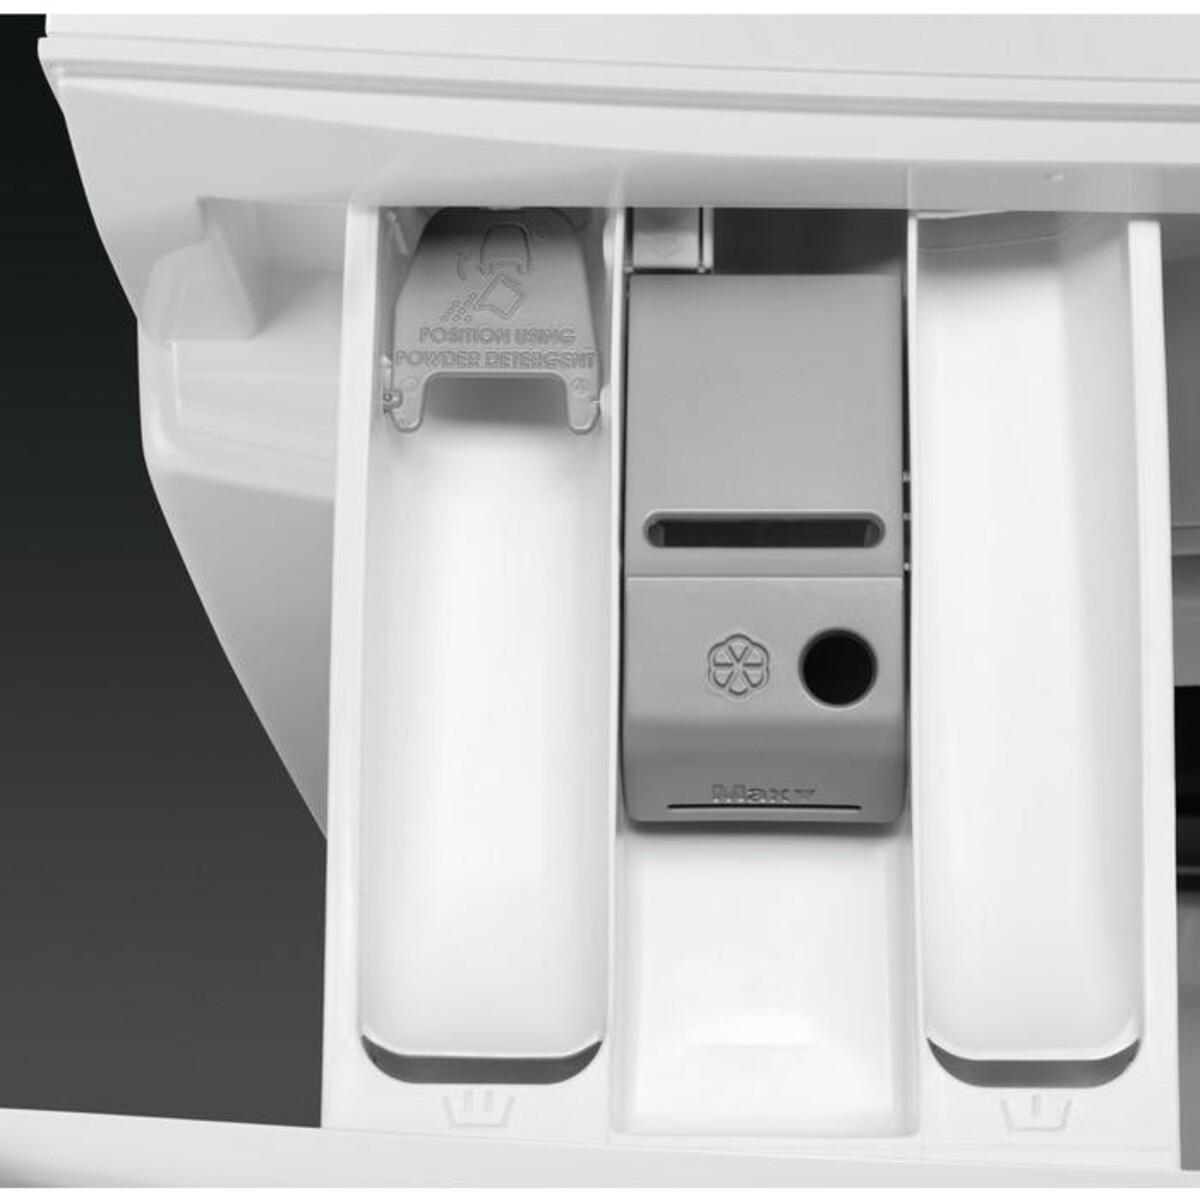 Bild 3 von AEG L6FB67400 Waschmaschine (A+++, 10 kg, 1400 U/min, Schon-Trommel, Restzeit, Startzeit, Display, Inverter-Motor, leise)